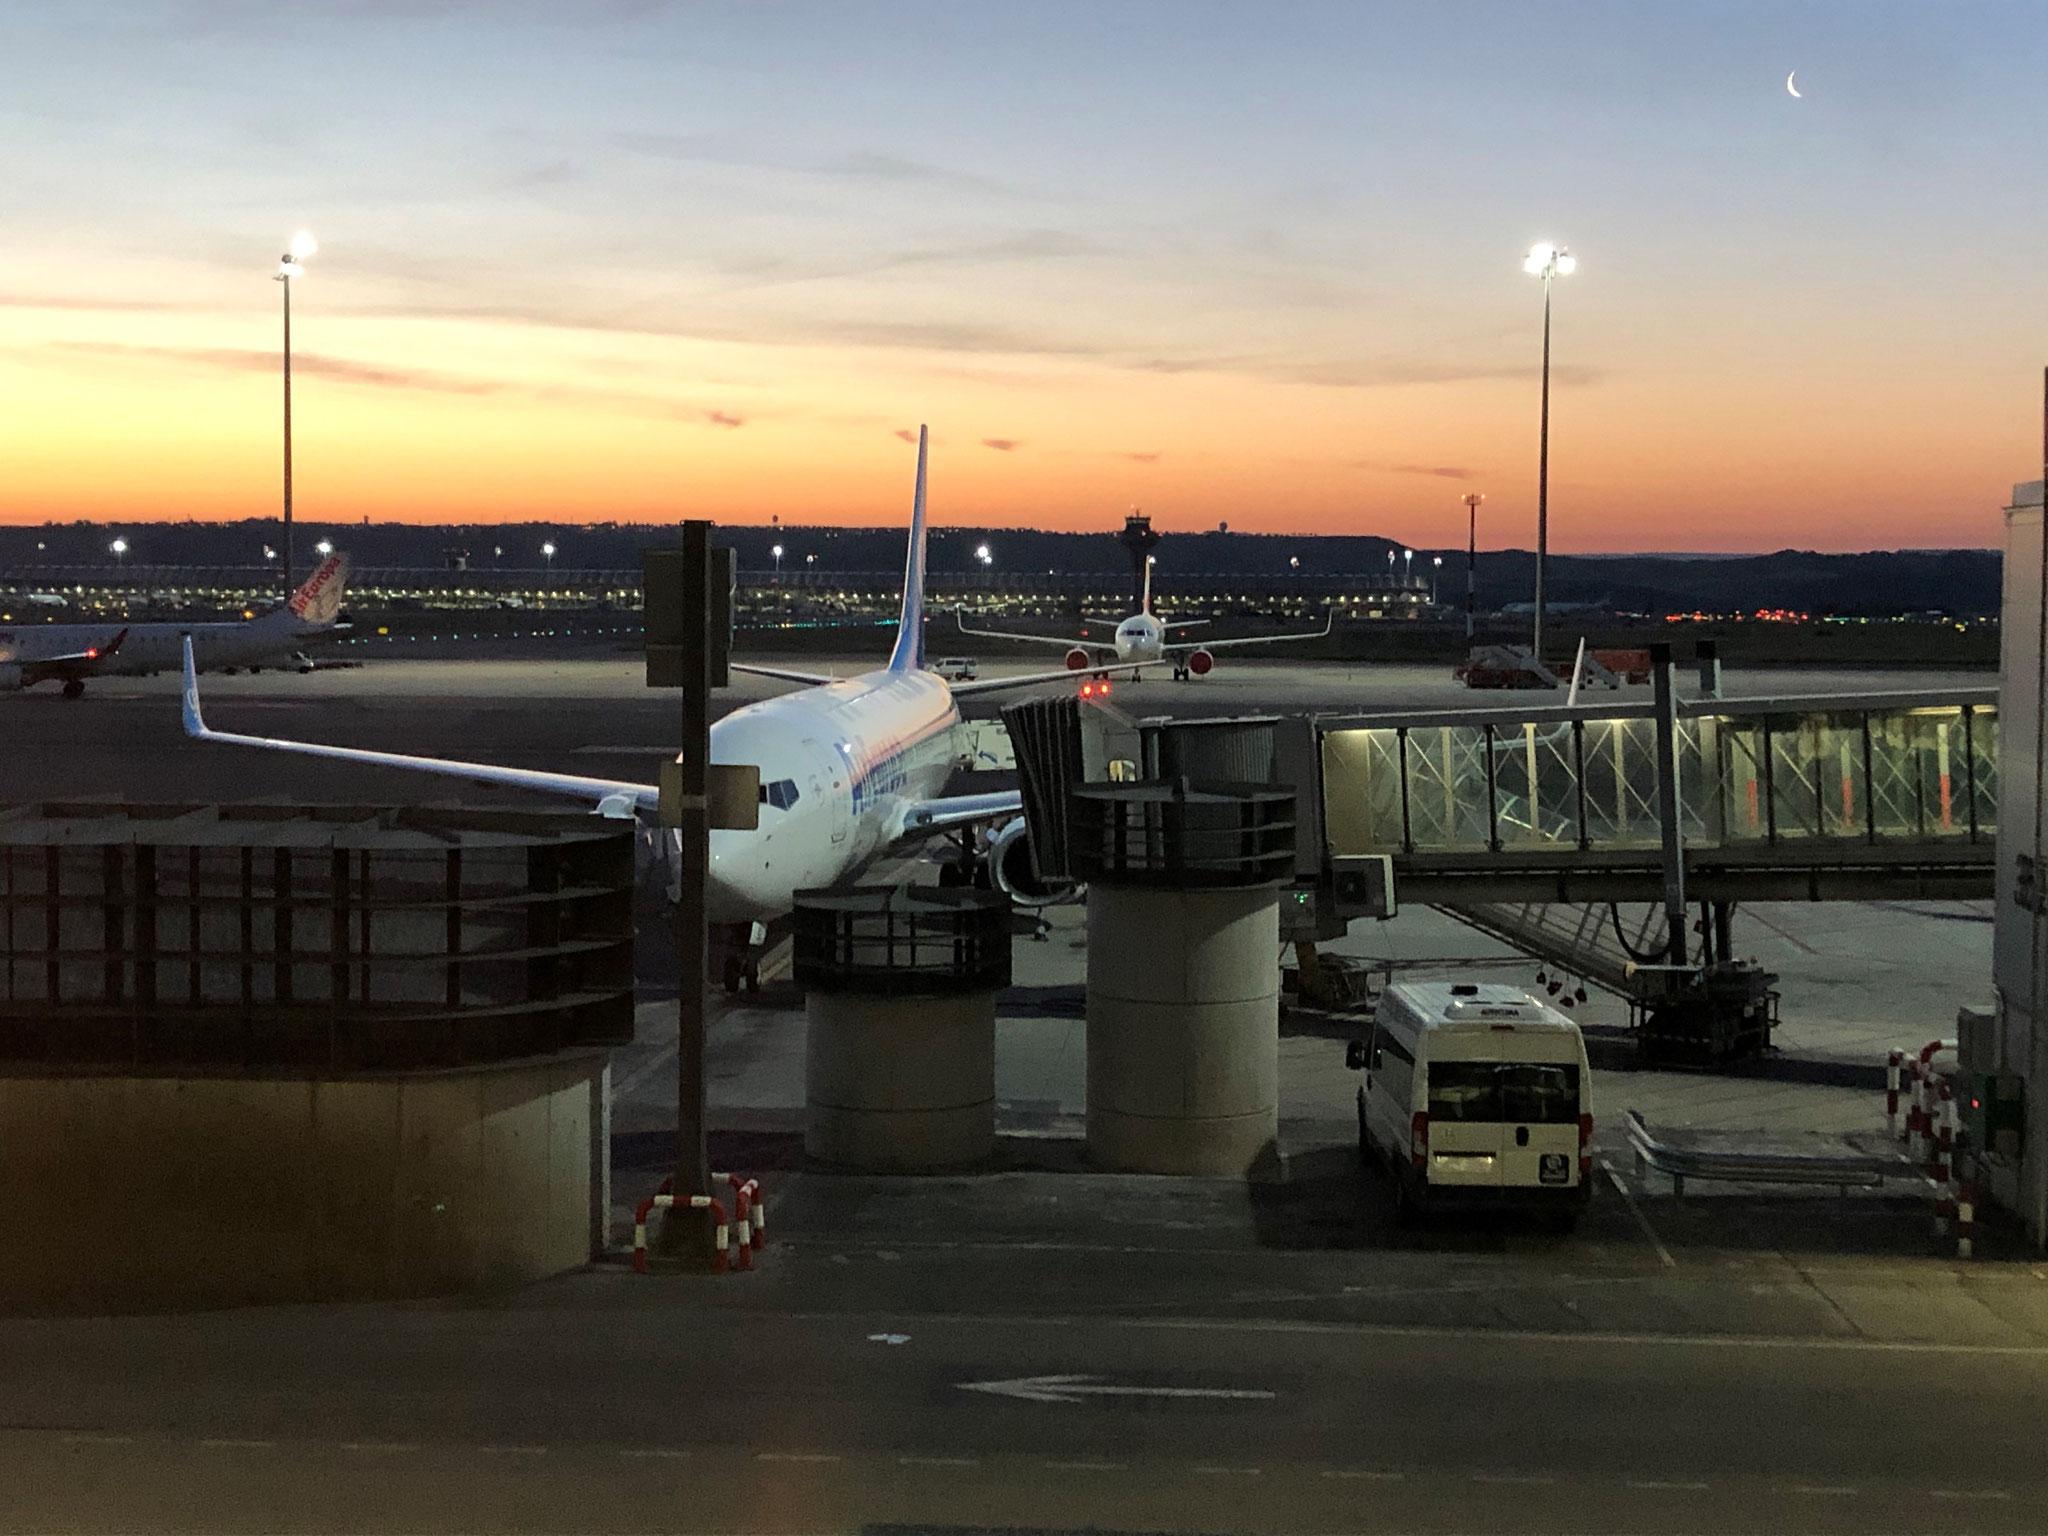 Flughafen Madrid 05:00. Guten Morgen